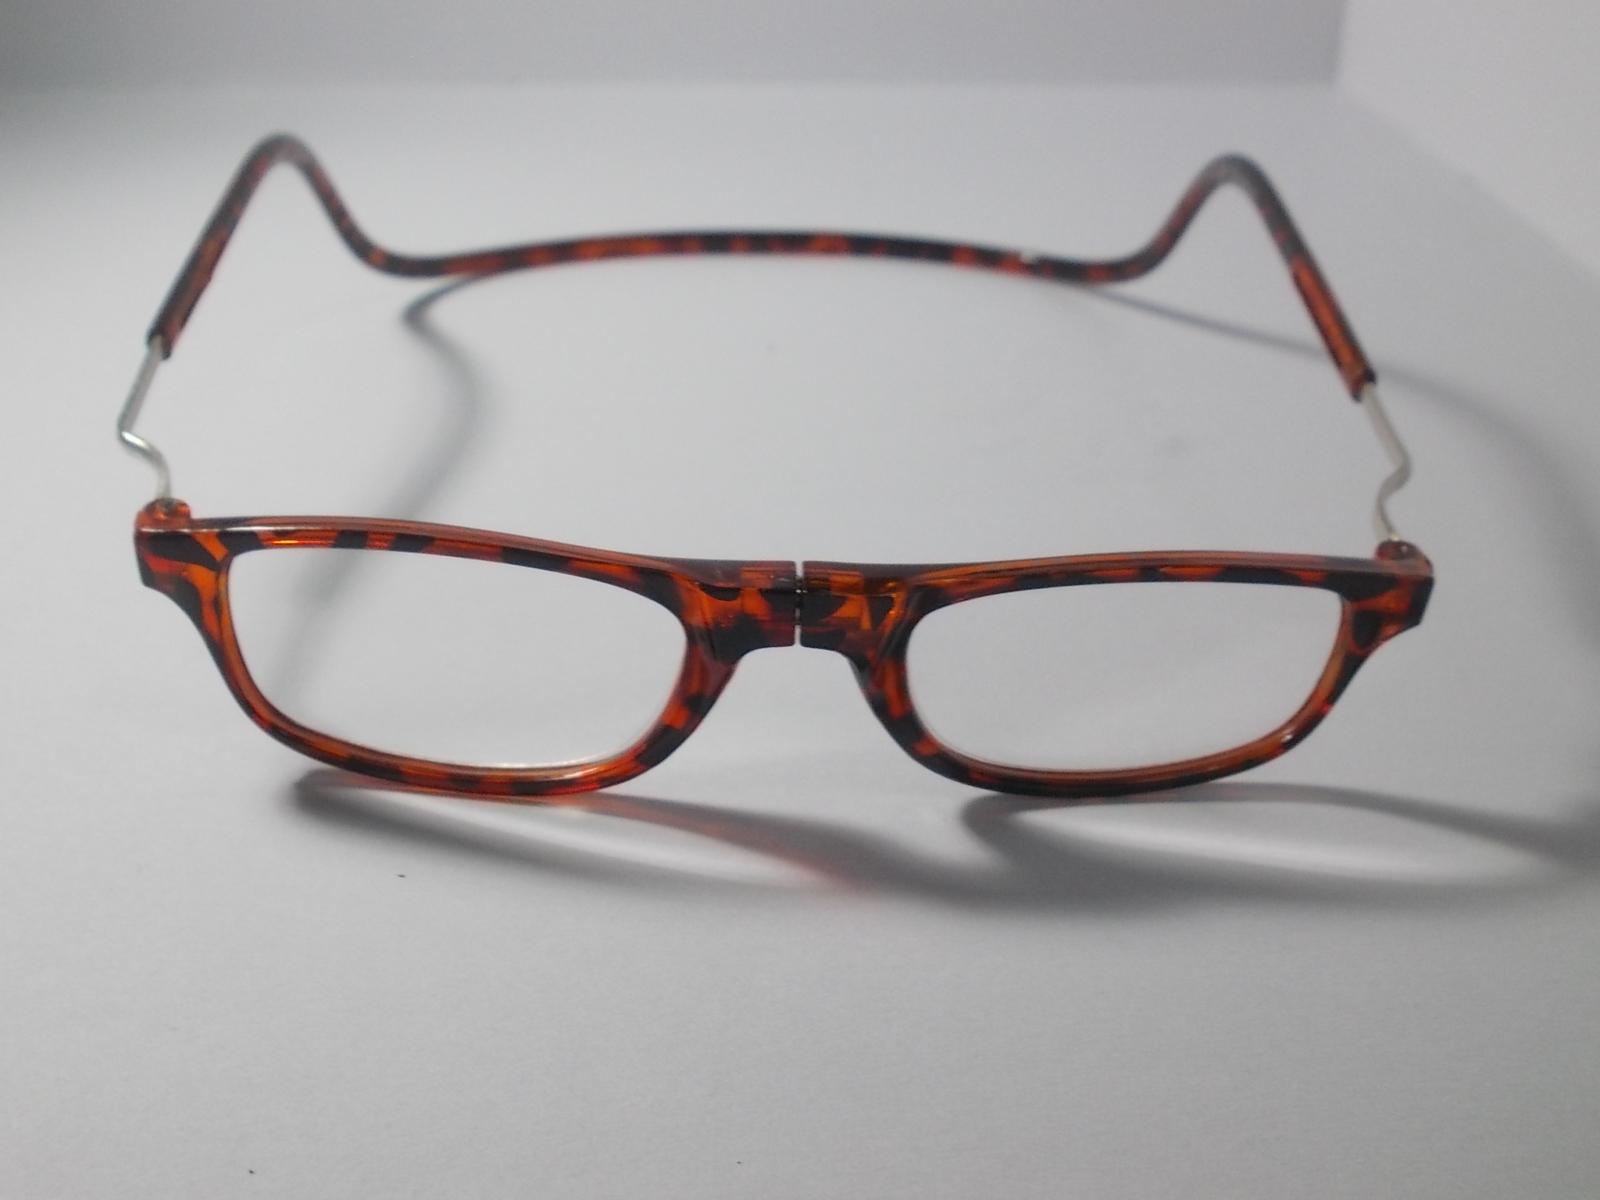 แว่นอ่านหนังสือ แว่นสายตายาว ราคาประหยัด 02